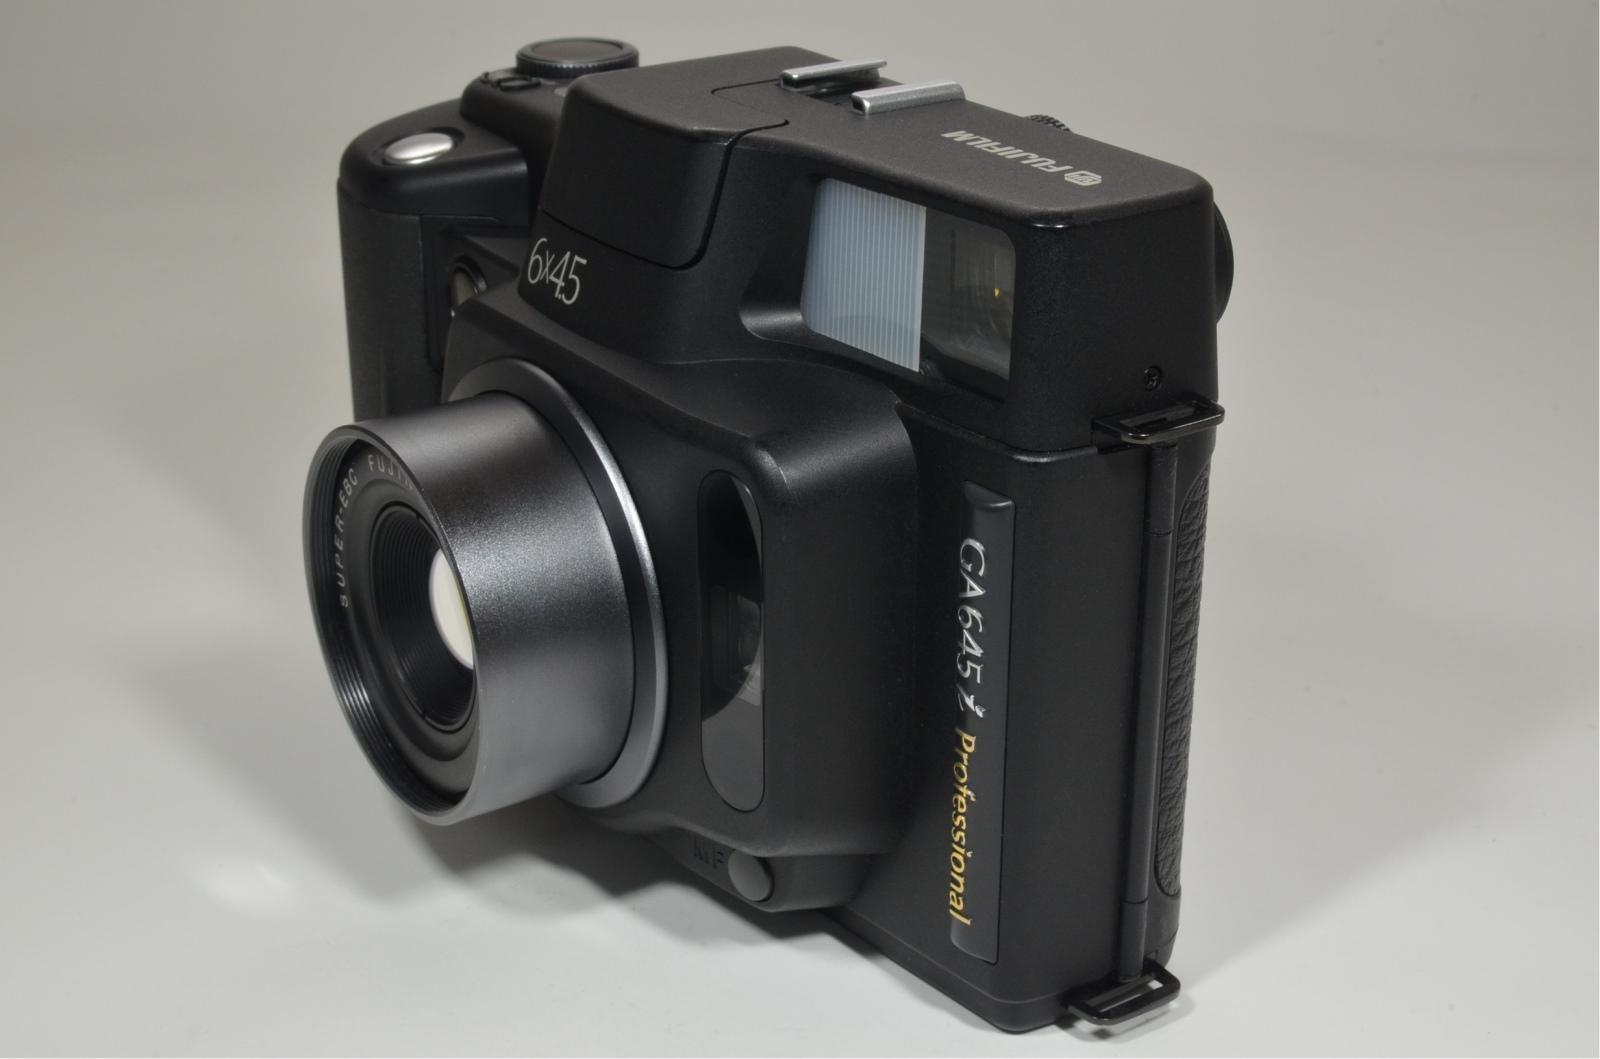 fujifilm ga645i professional fujinon 60mm f4 shutter count '400'